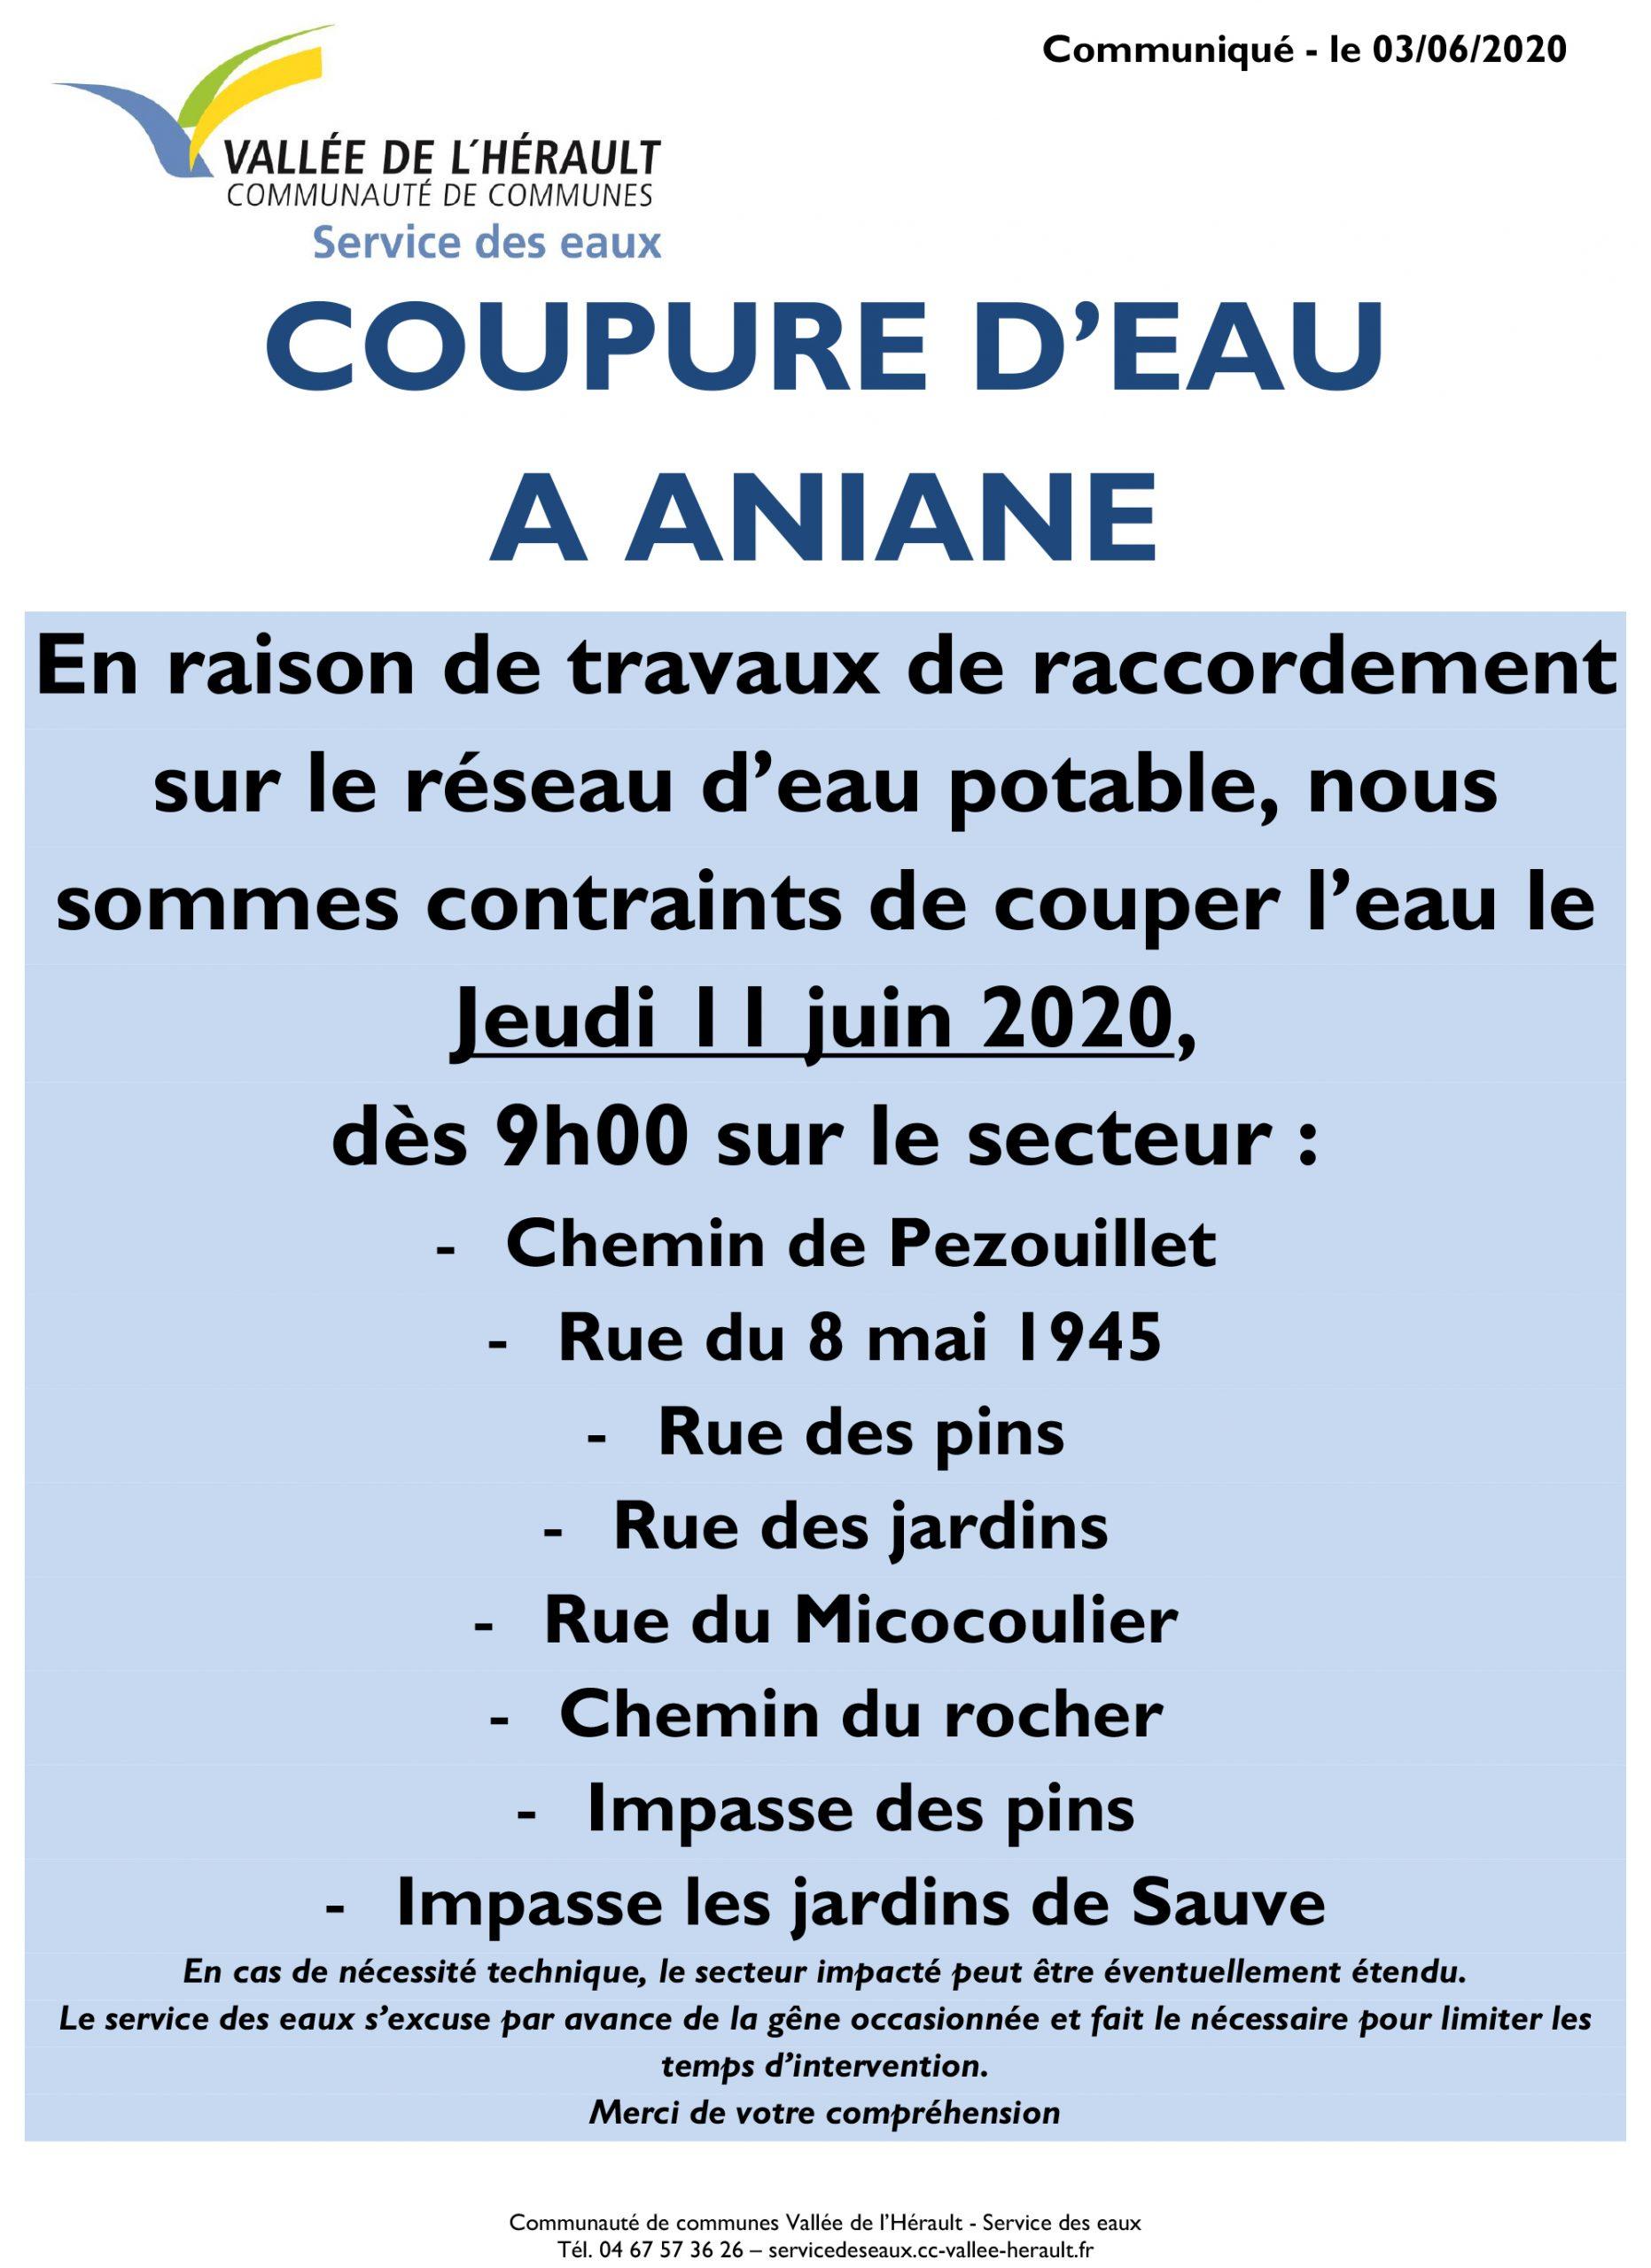 Communiqué Coupure eau 11 06 2020 _Aniane